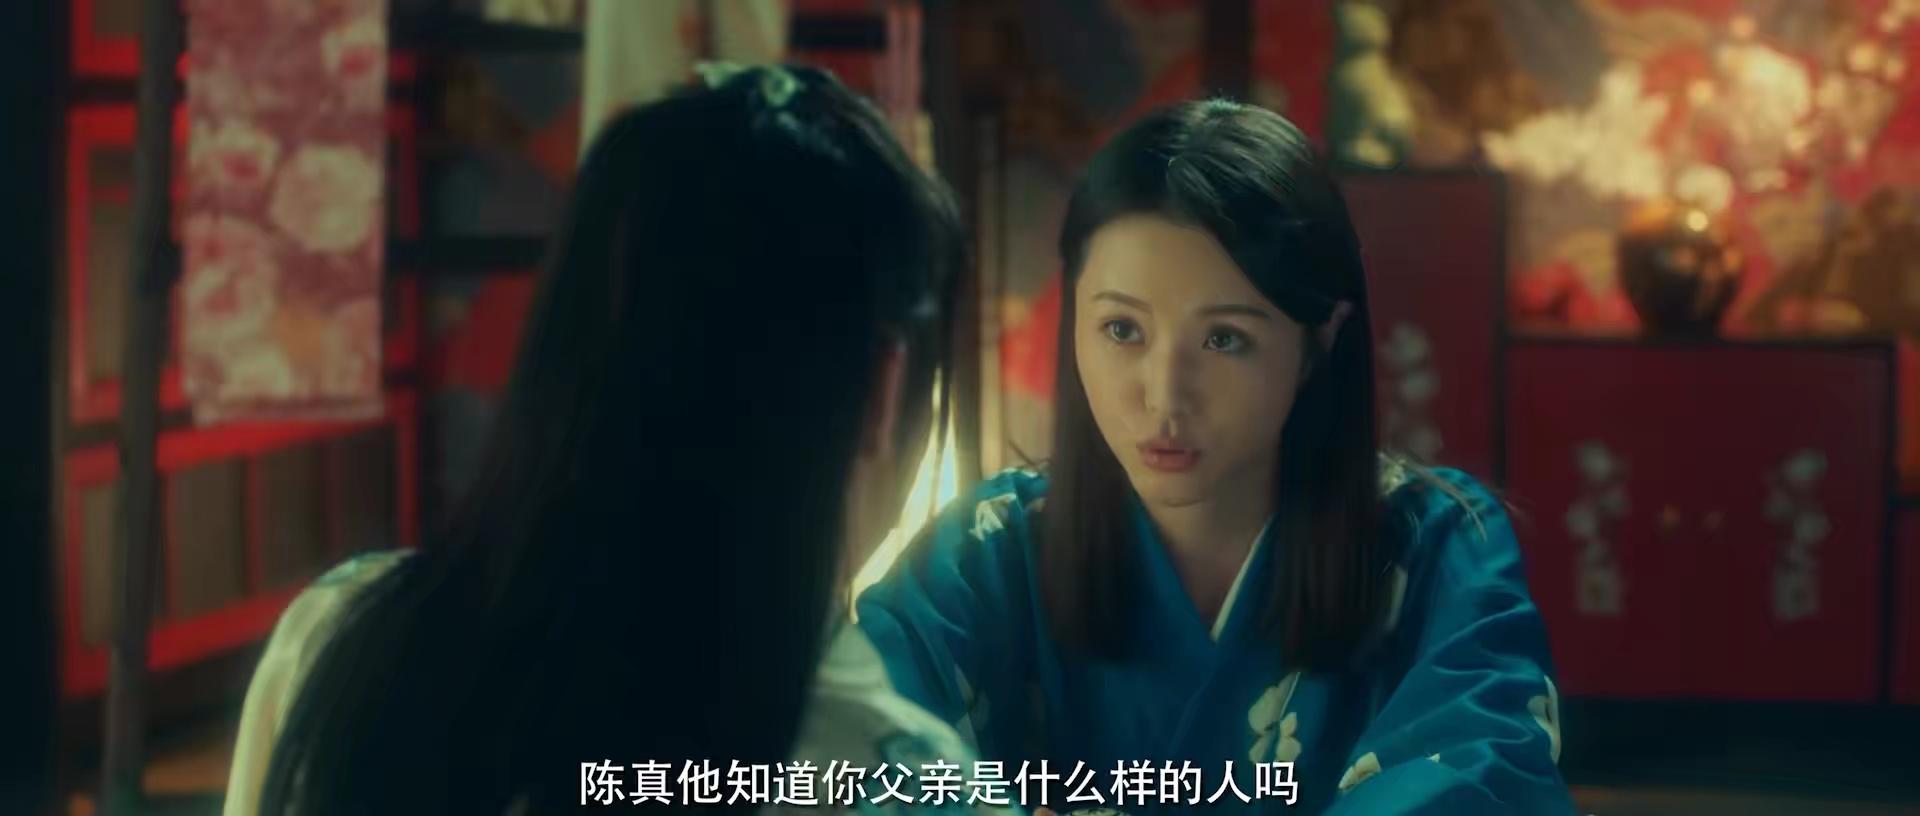 [霍家拳之精武英雄][1080P版HD-MP4/1.11G][国语中字][2019中国动作]插图(1)